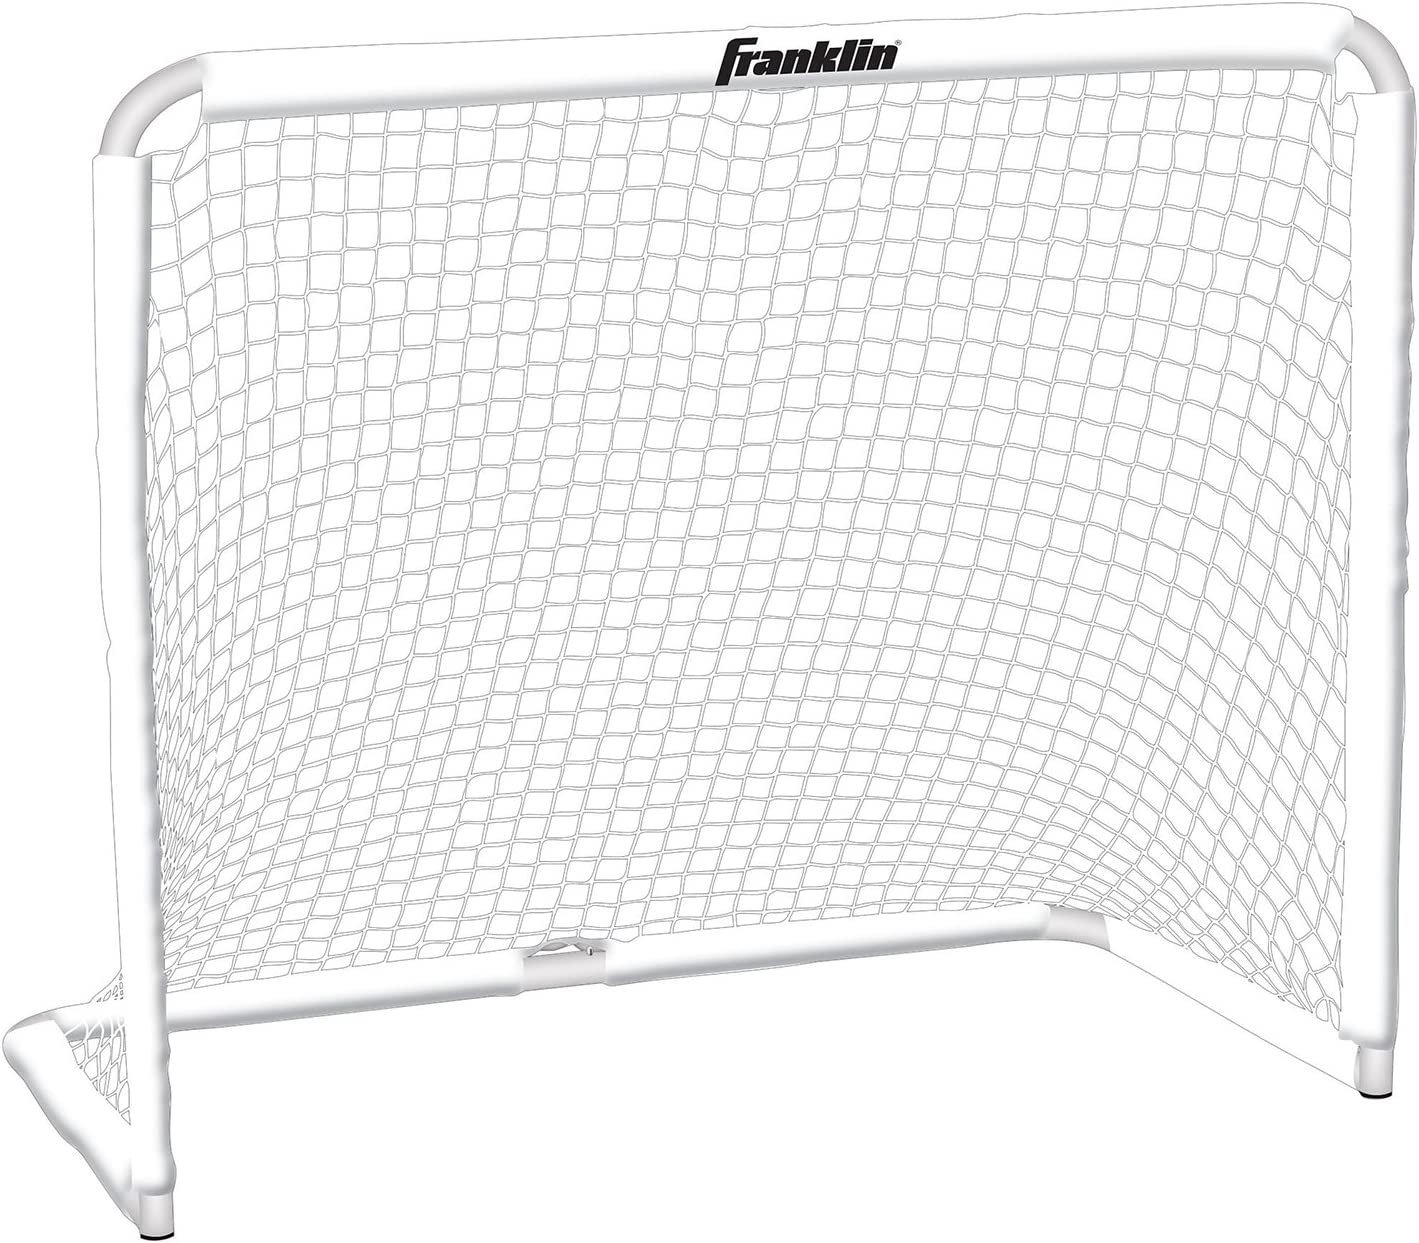 Franklin Sports All Sport Practice Net Renewed